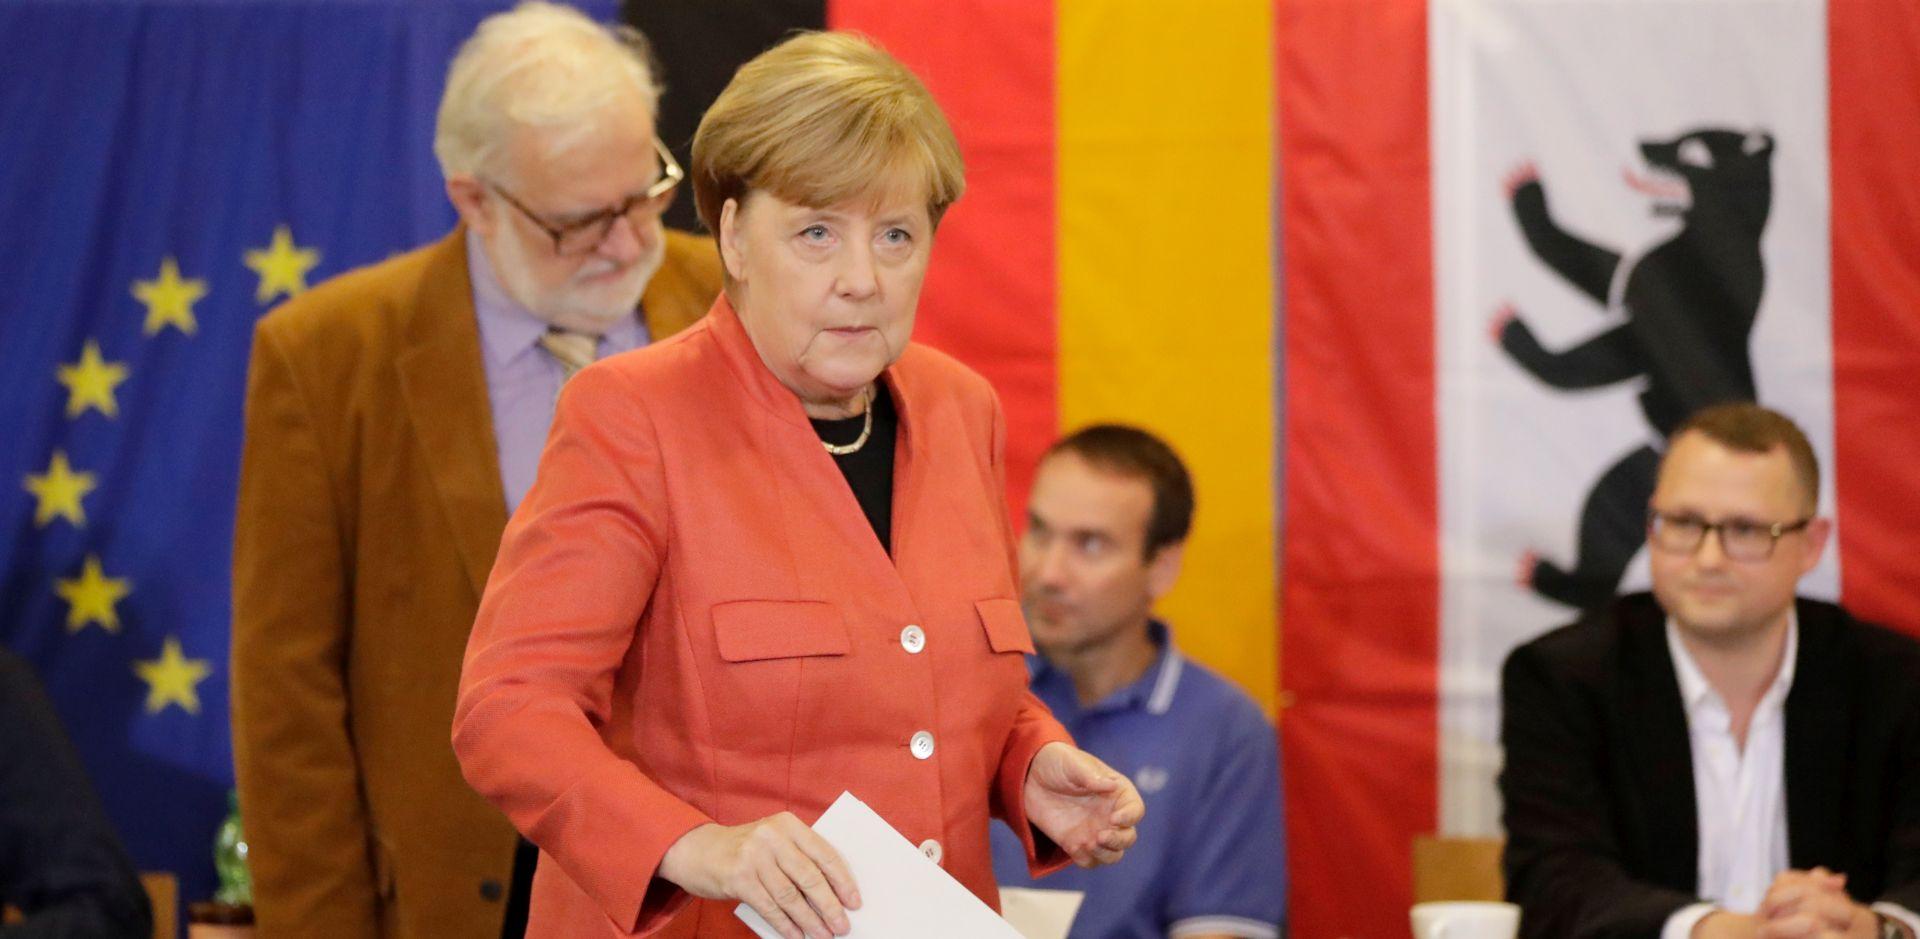 IZLAZNE ANKETE Stranka Merkel u vodstvu, desničarki nacionalisti AfD treći